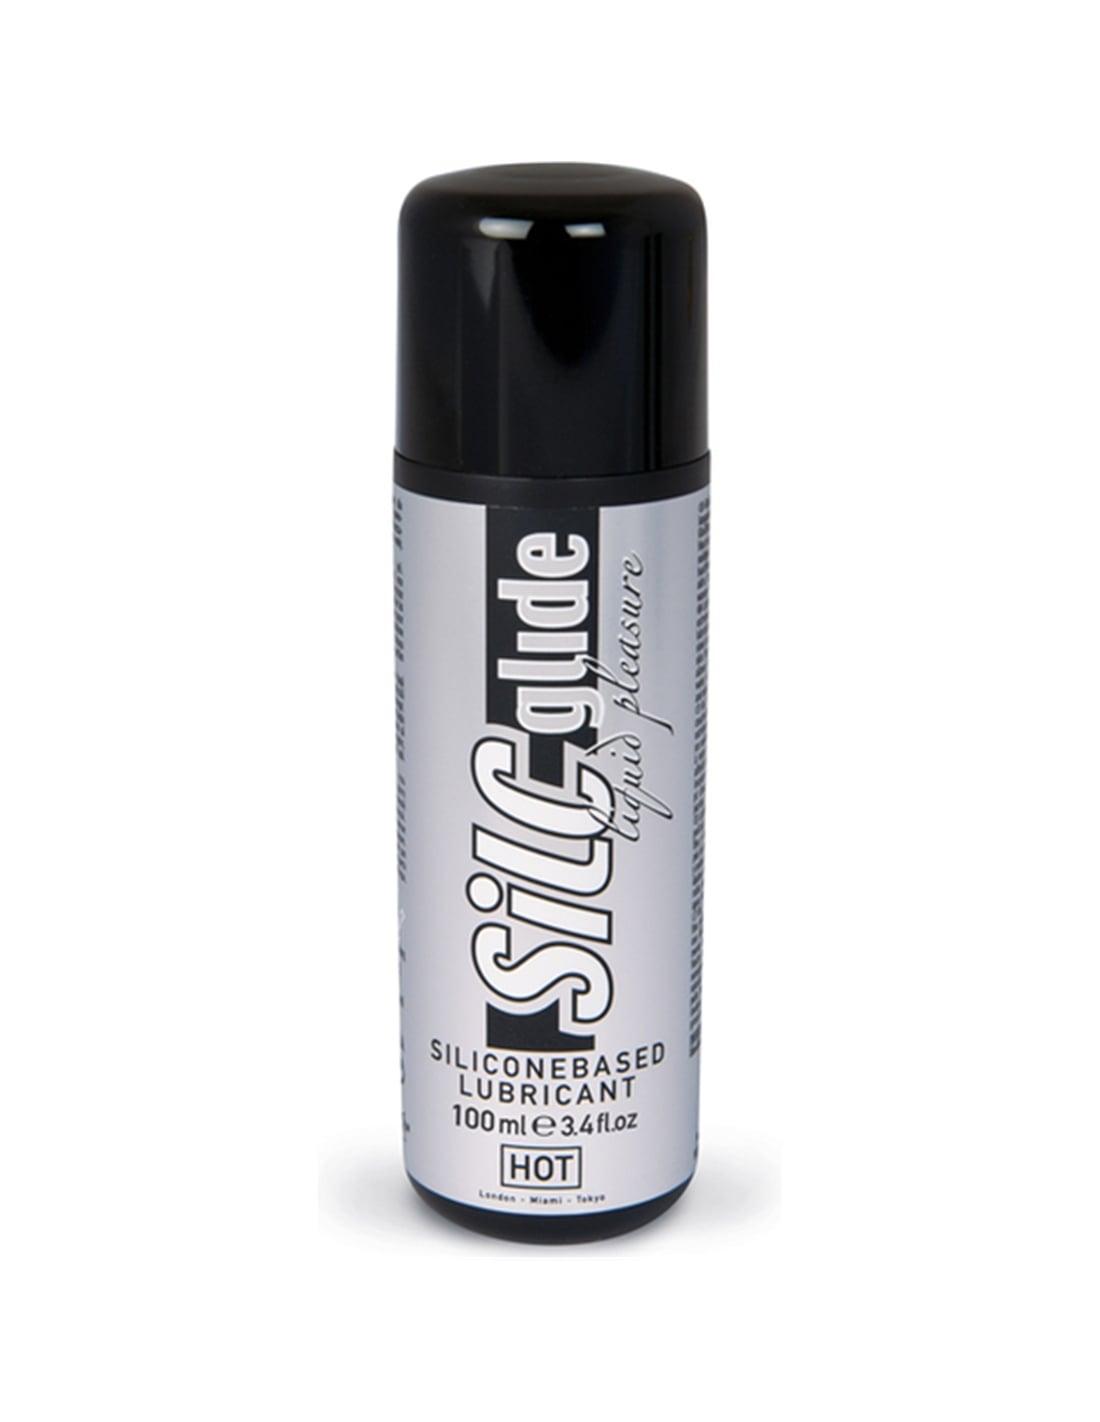 31604 - Lubrificante De Silicone Hot Silc Glide - 100ml-PR2010318865